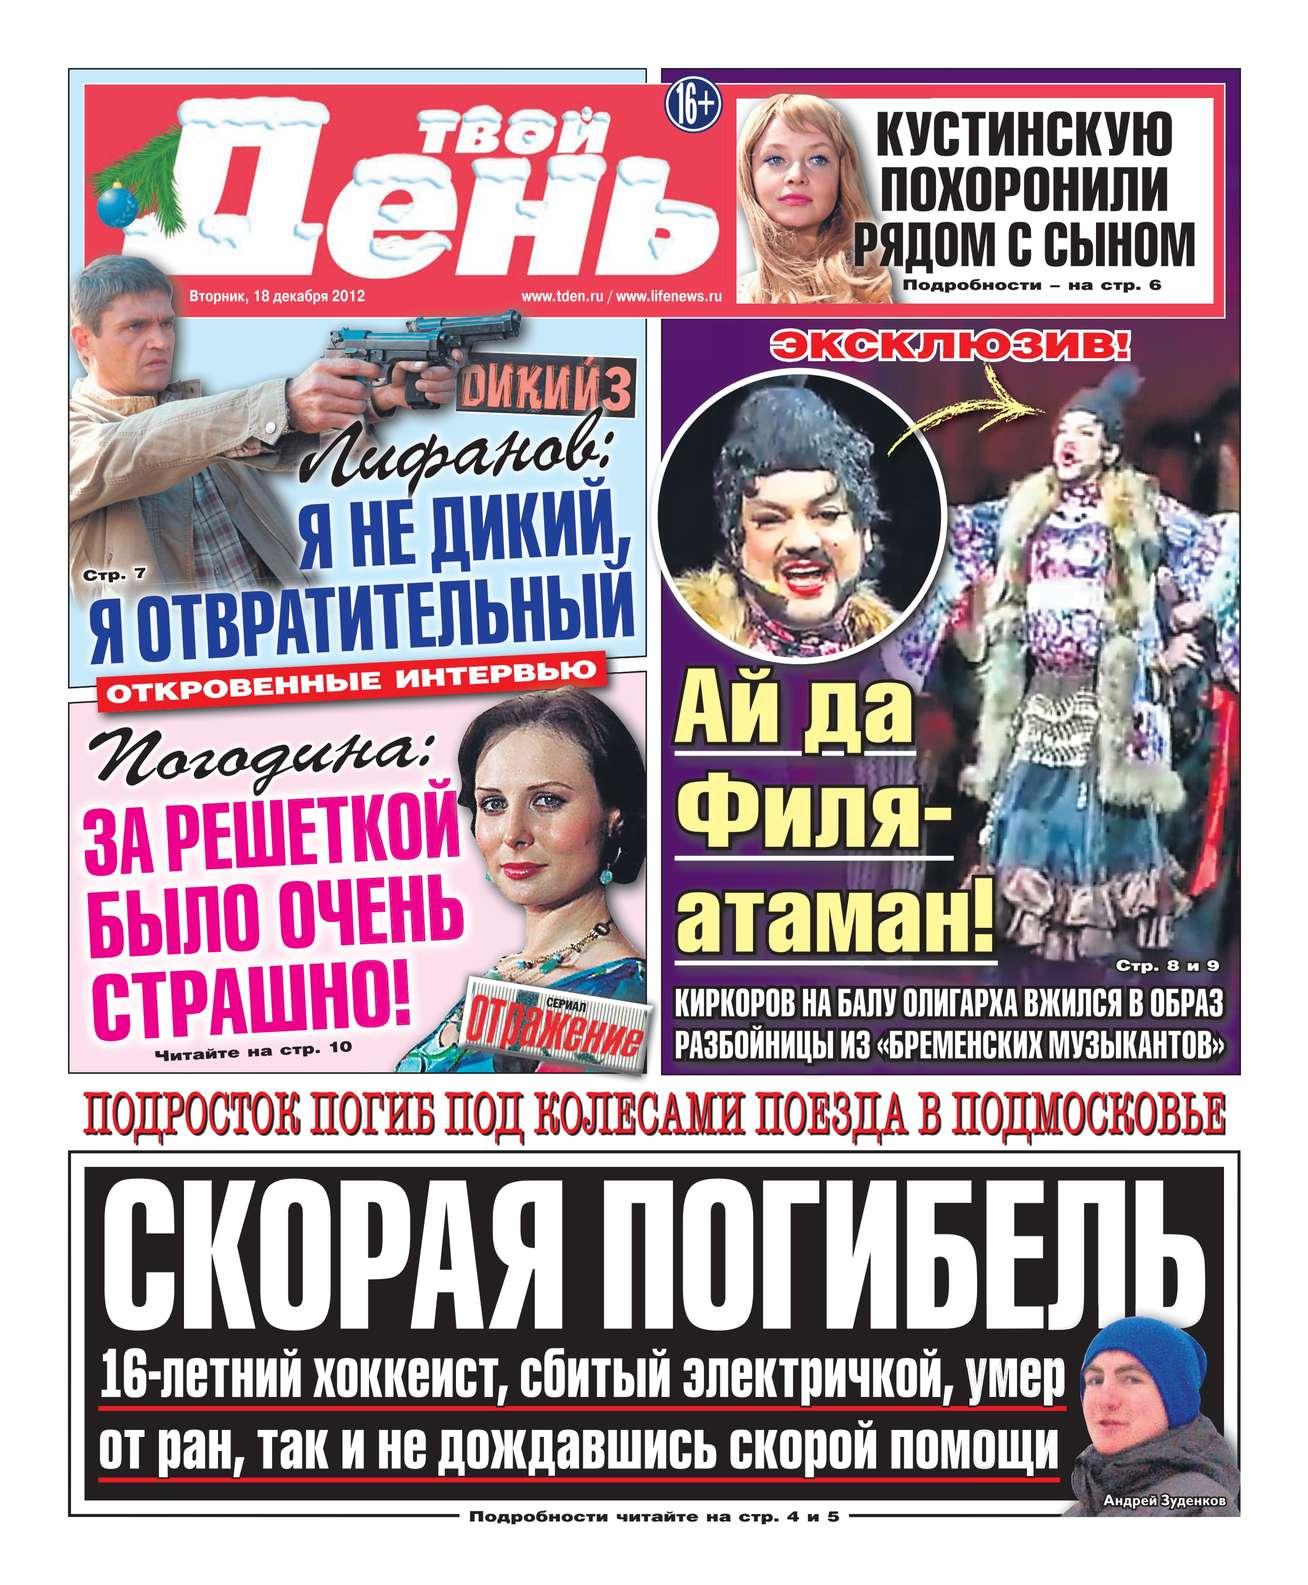 Редакция газеты Твой день Твой день 284-12-2012 редакция газеты твой день твой день 284 12 2012